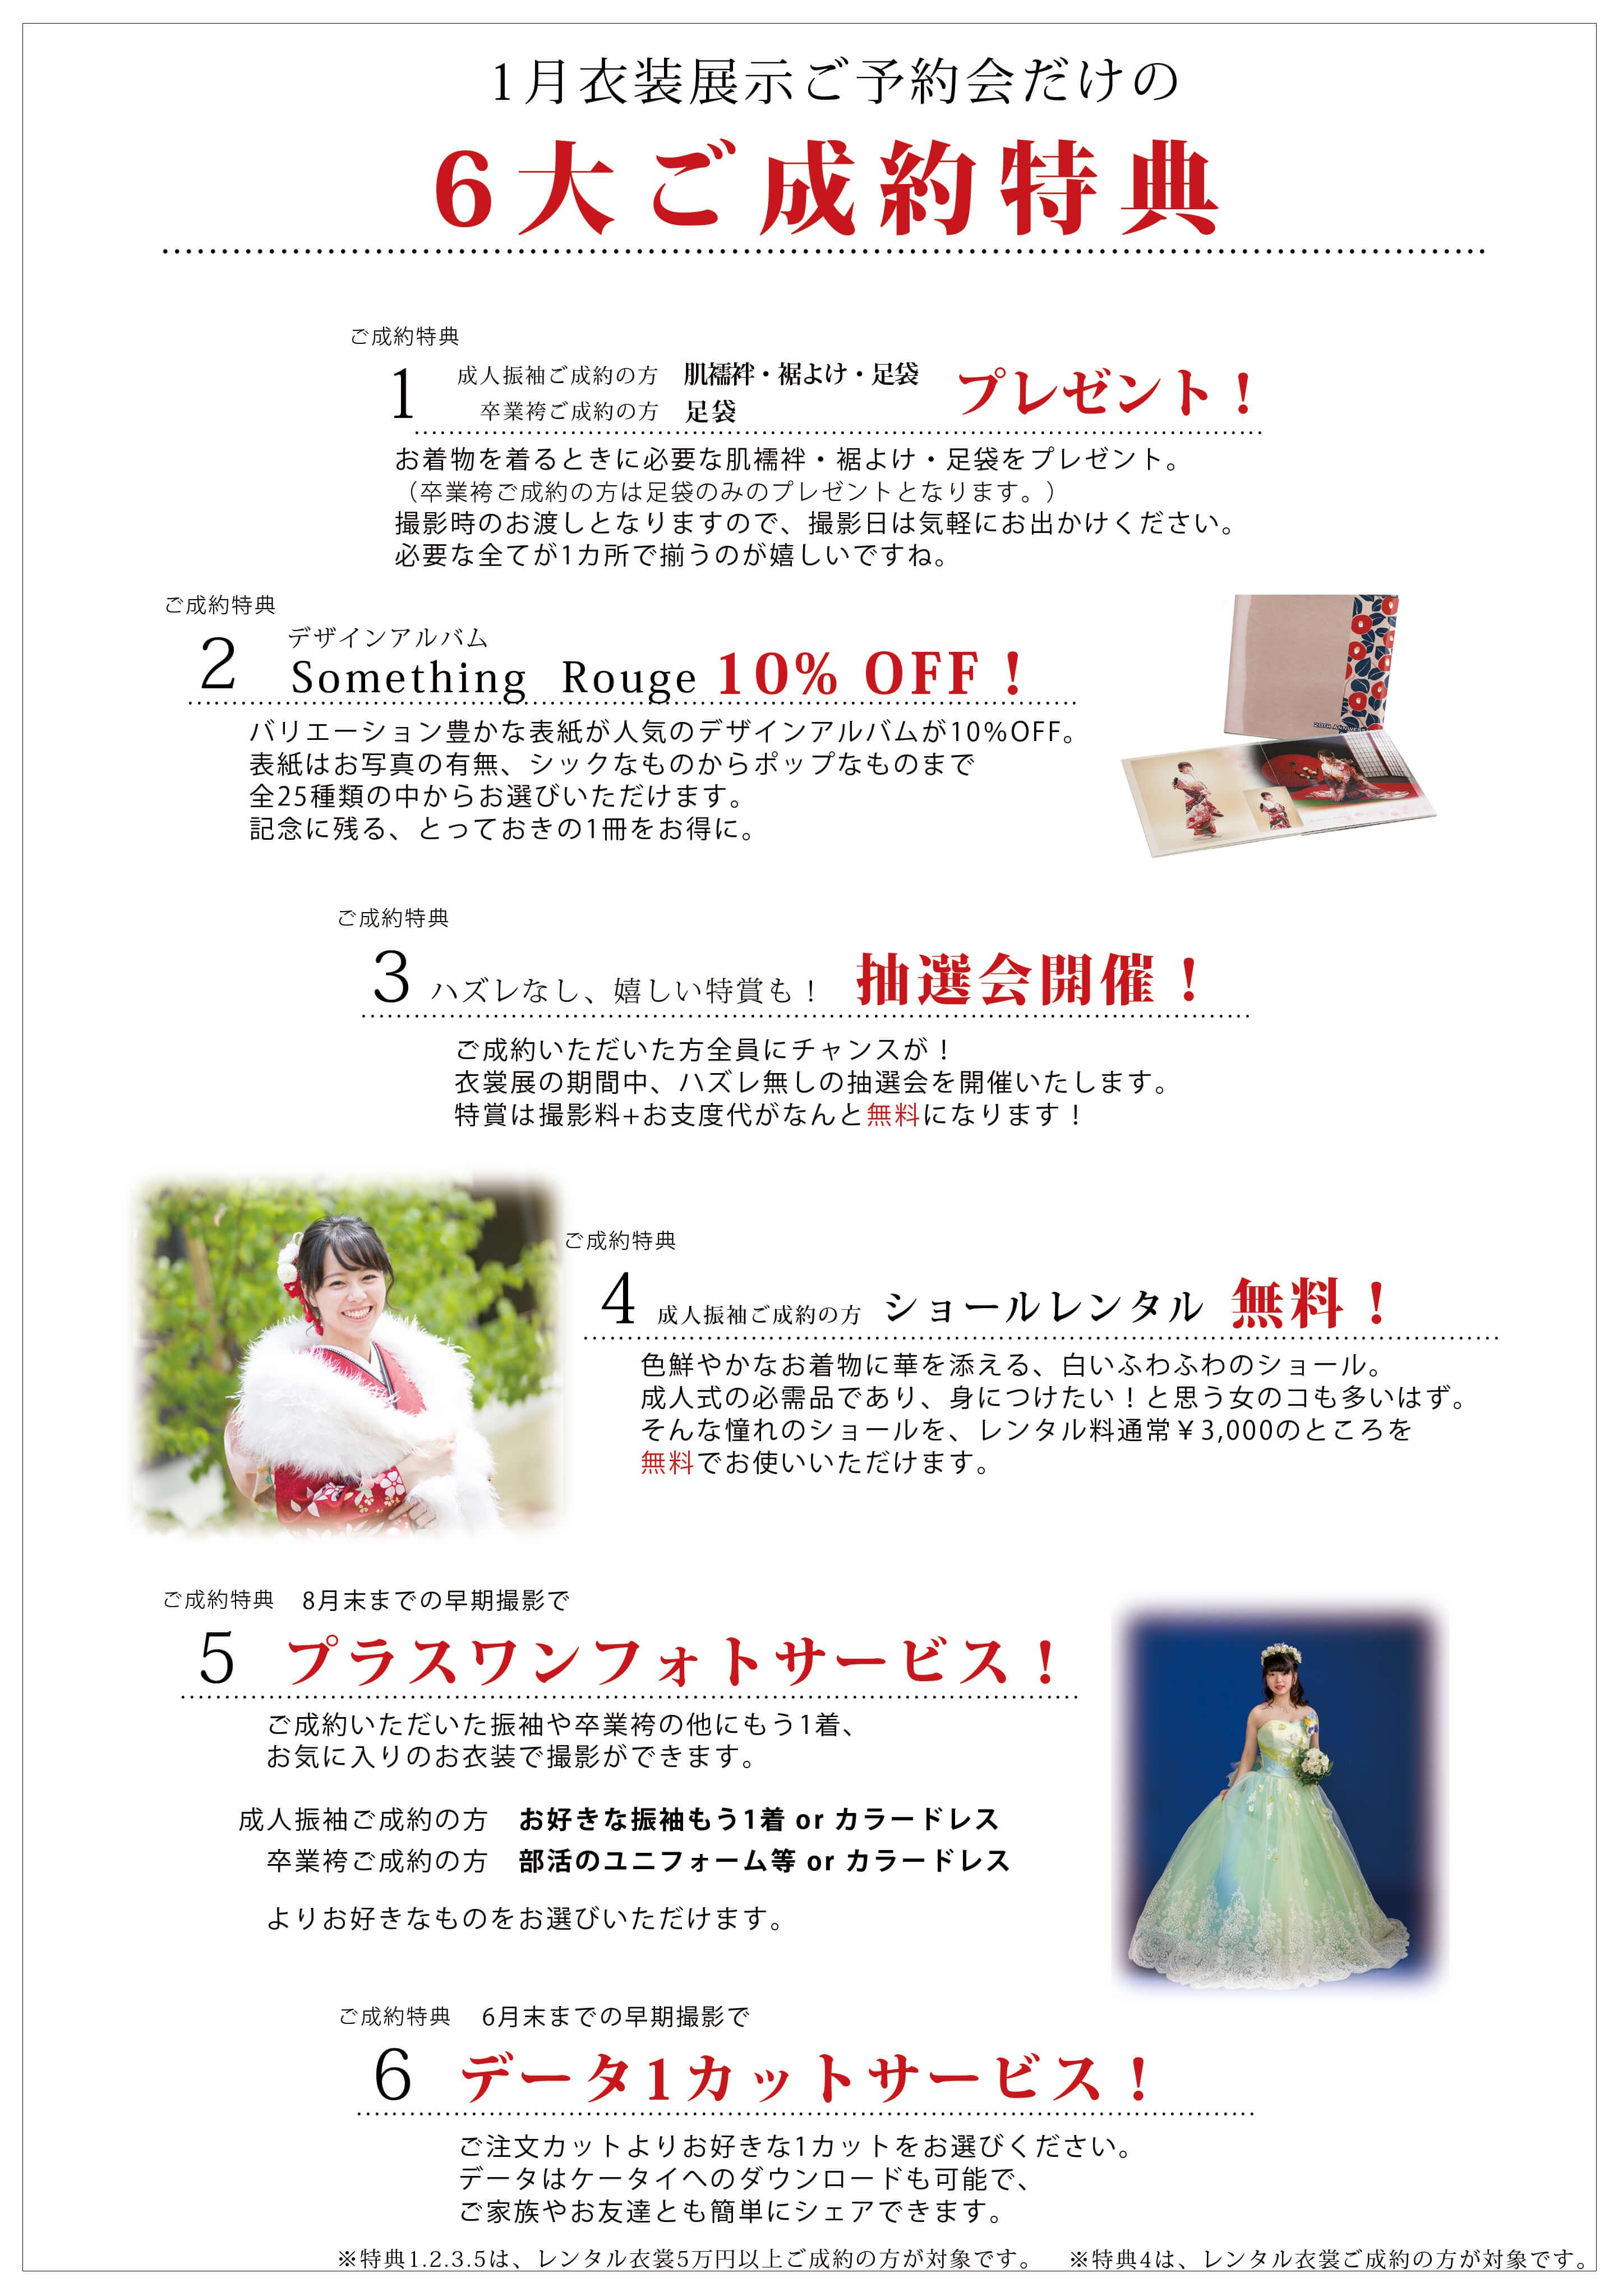 デュボンタン 成人振袖×卒業袴 衣裳展示&ご予約会 1月開催 6大ご成約特典